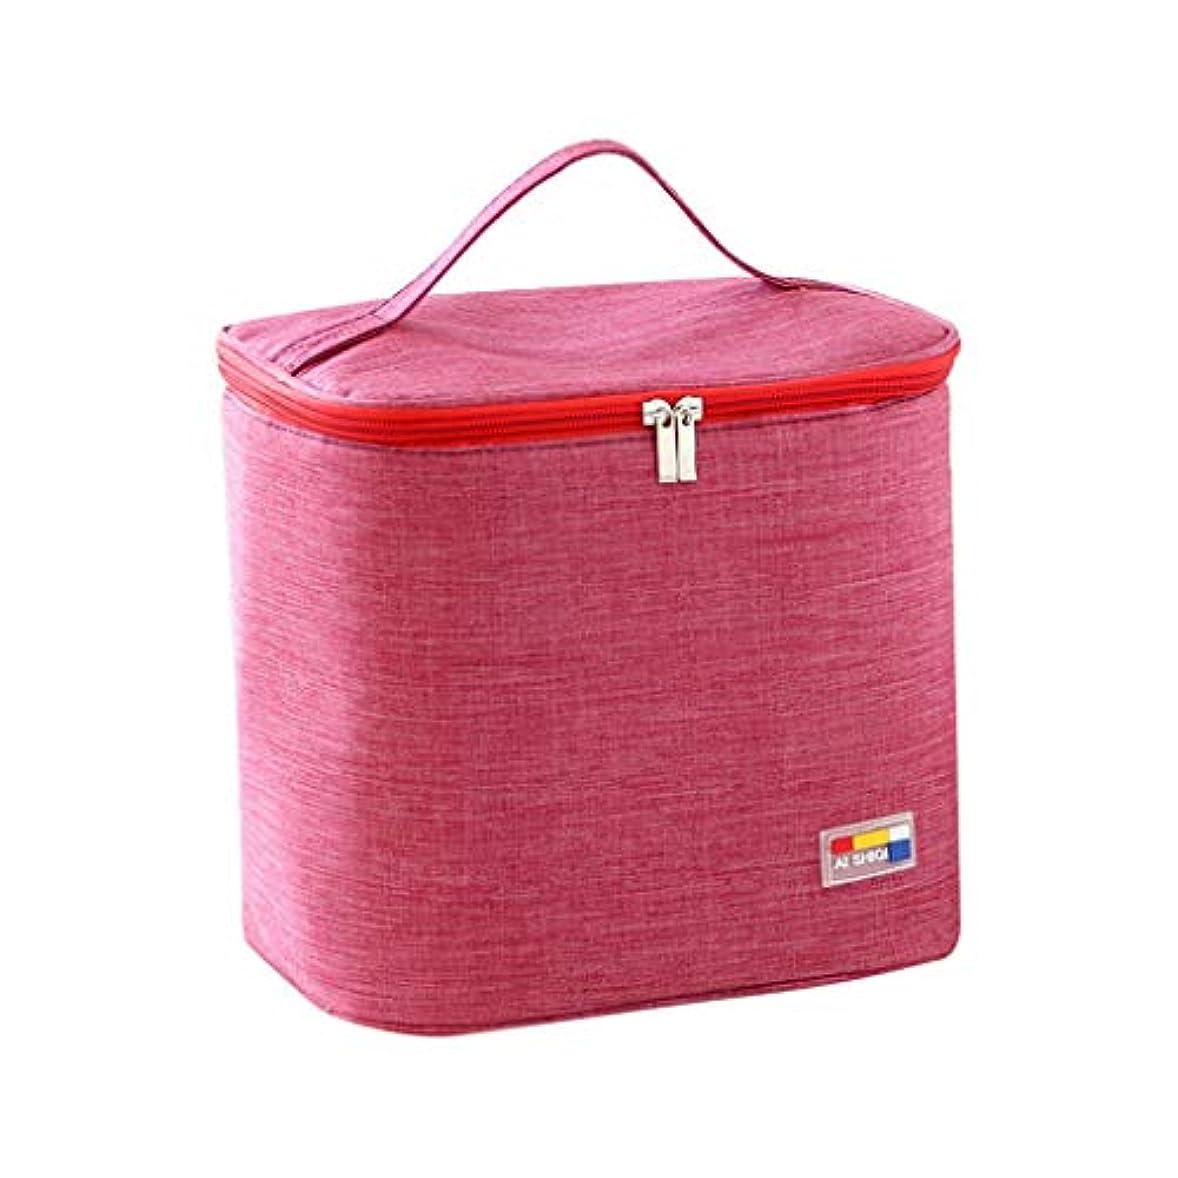 同行一定進化専用ランチバッグトートバッグ断熱性を向上キャンプに適していますシンプルなバッグイージーファッション絶縁バッグ冷蔵バッグポケットを描く冷却ハンドバッグ防水ハンドバッグ (A)